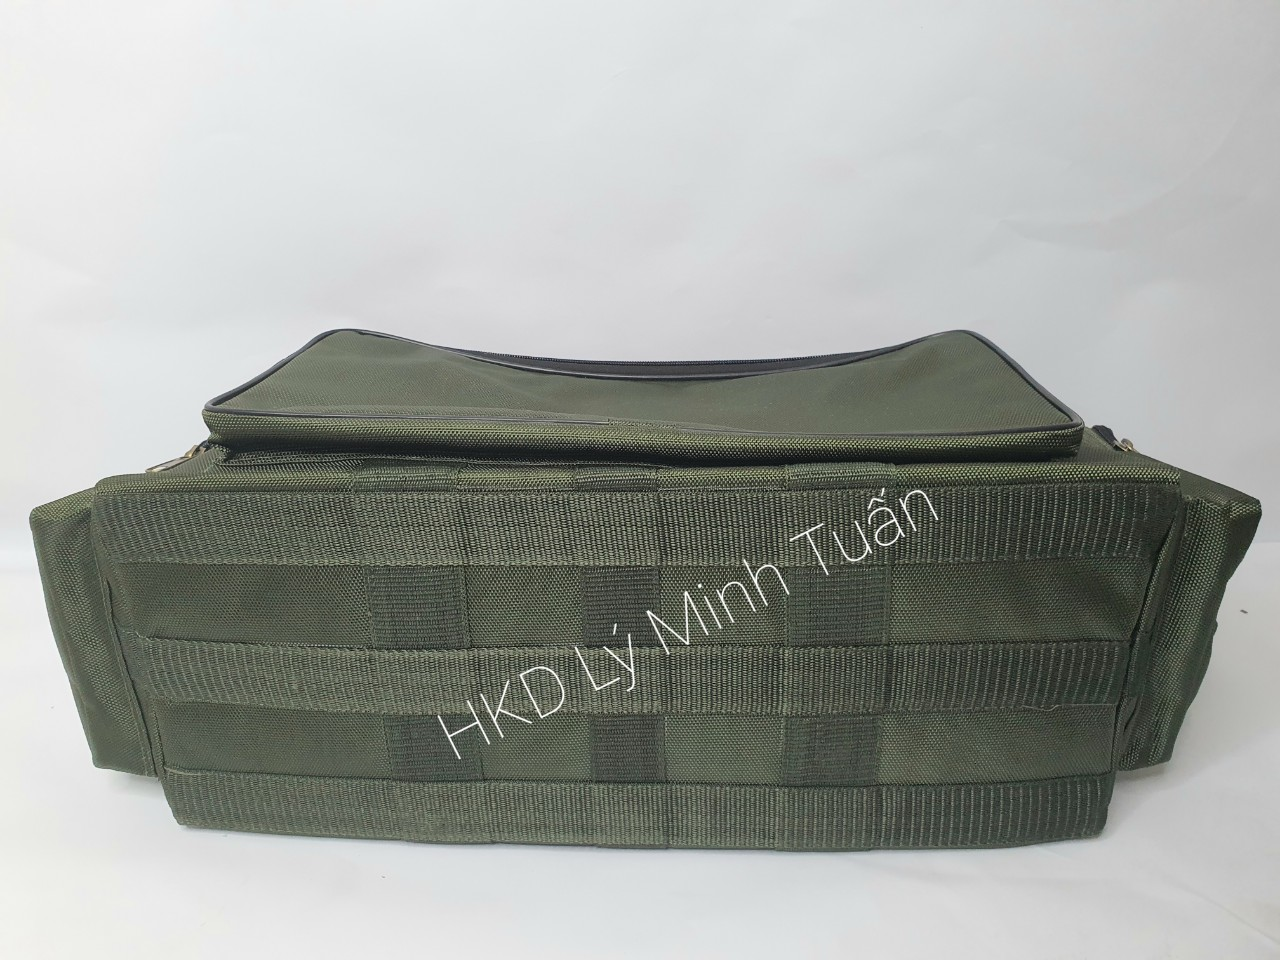 Túi đựng đồ nghề 20 inch cao cấp xanh lính